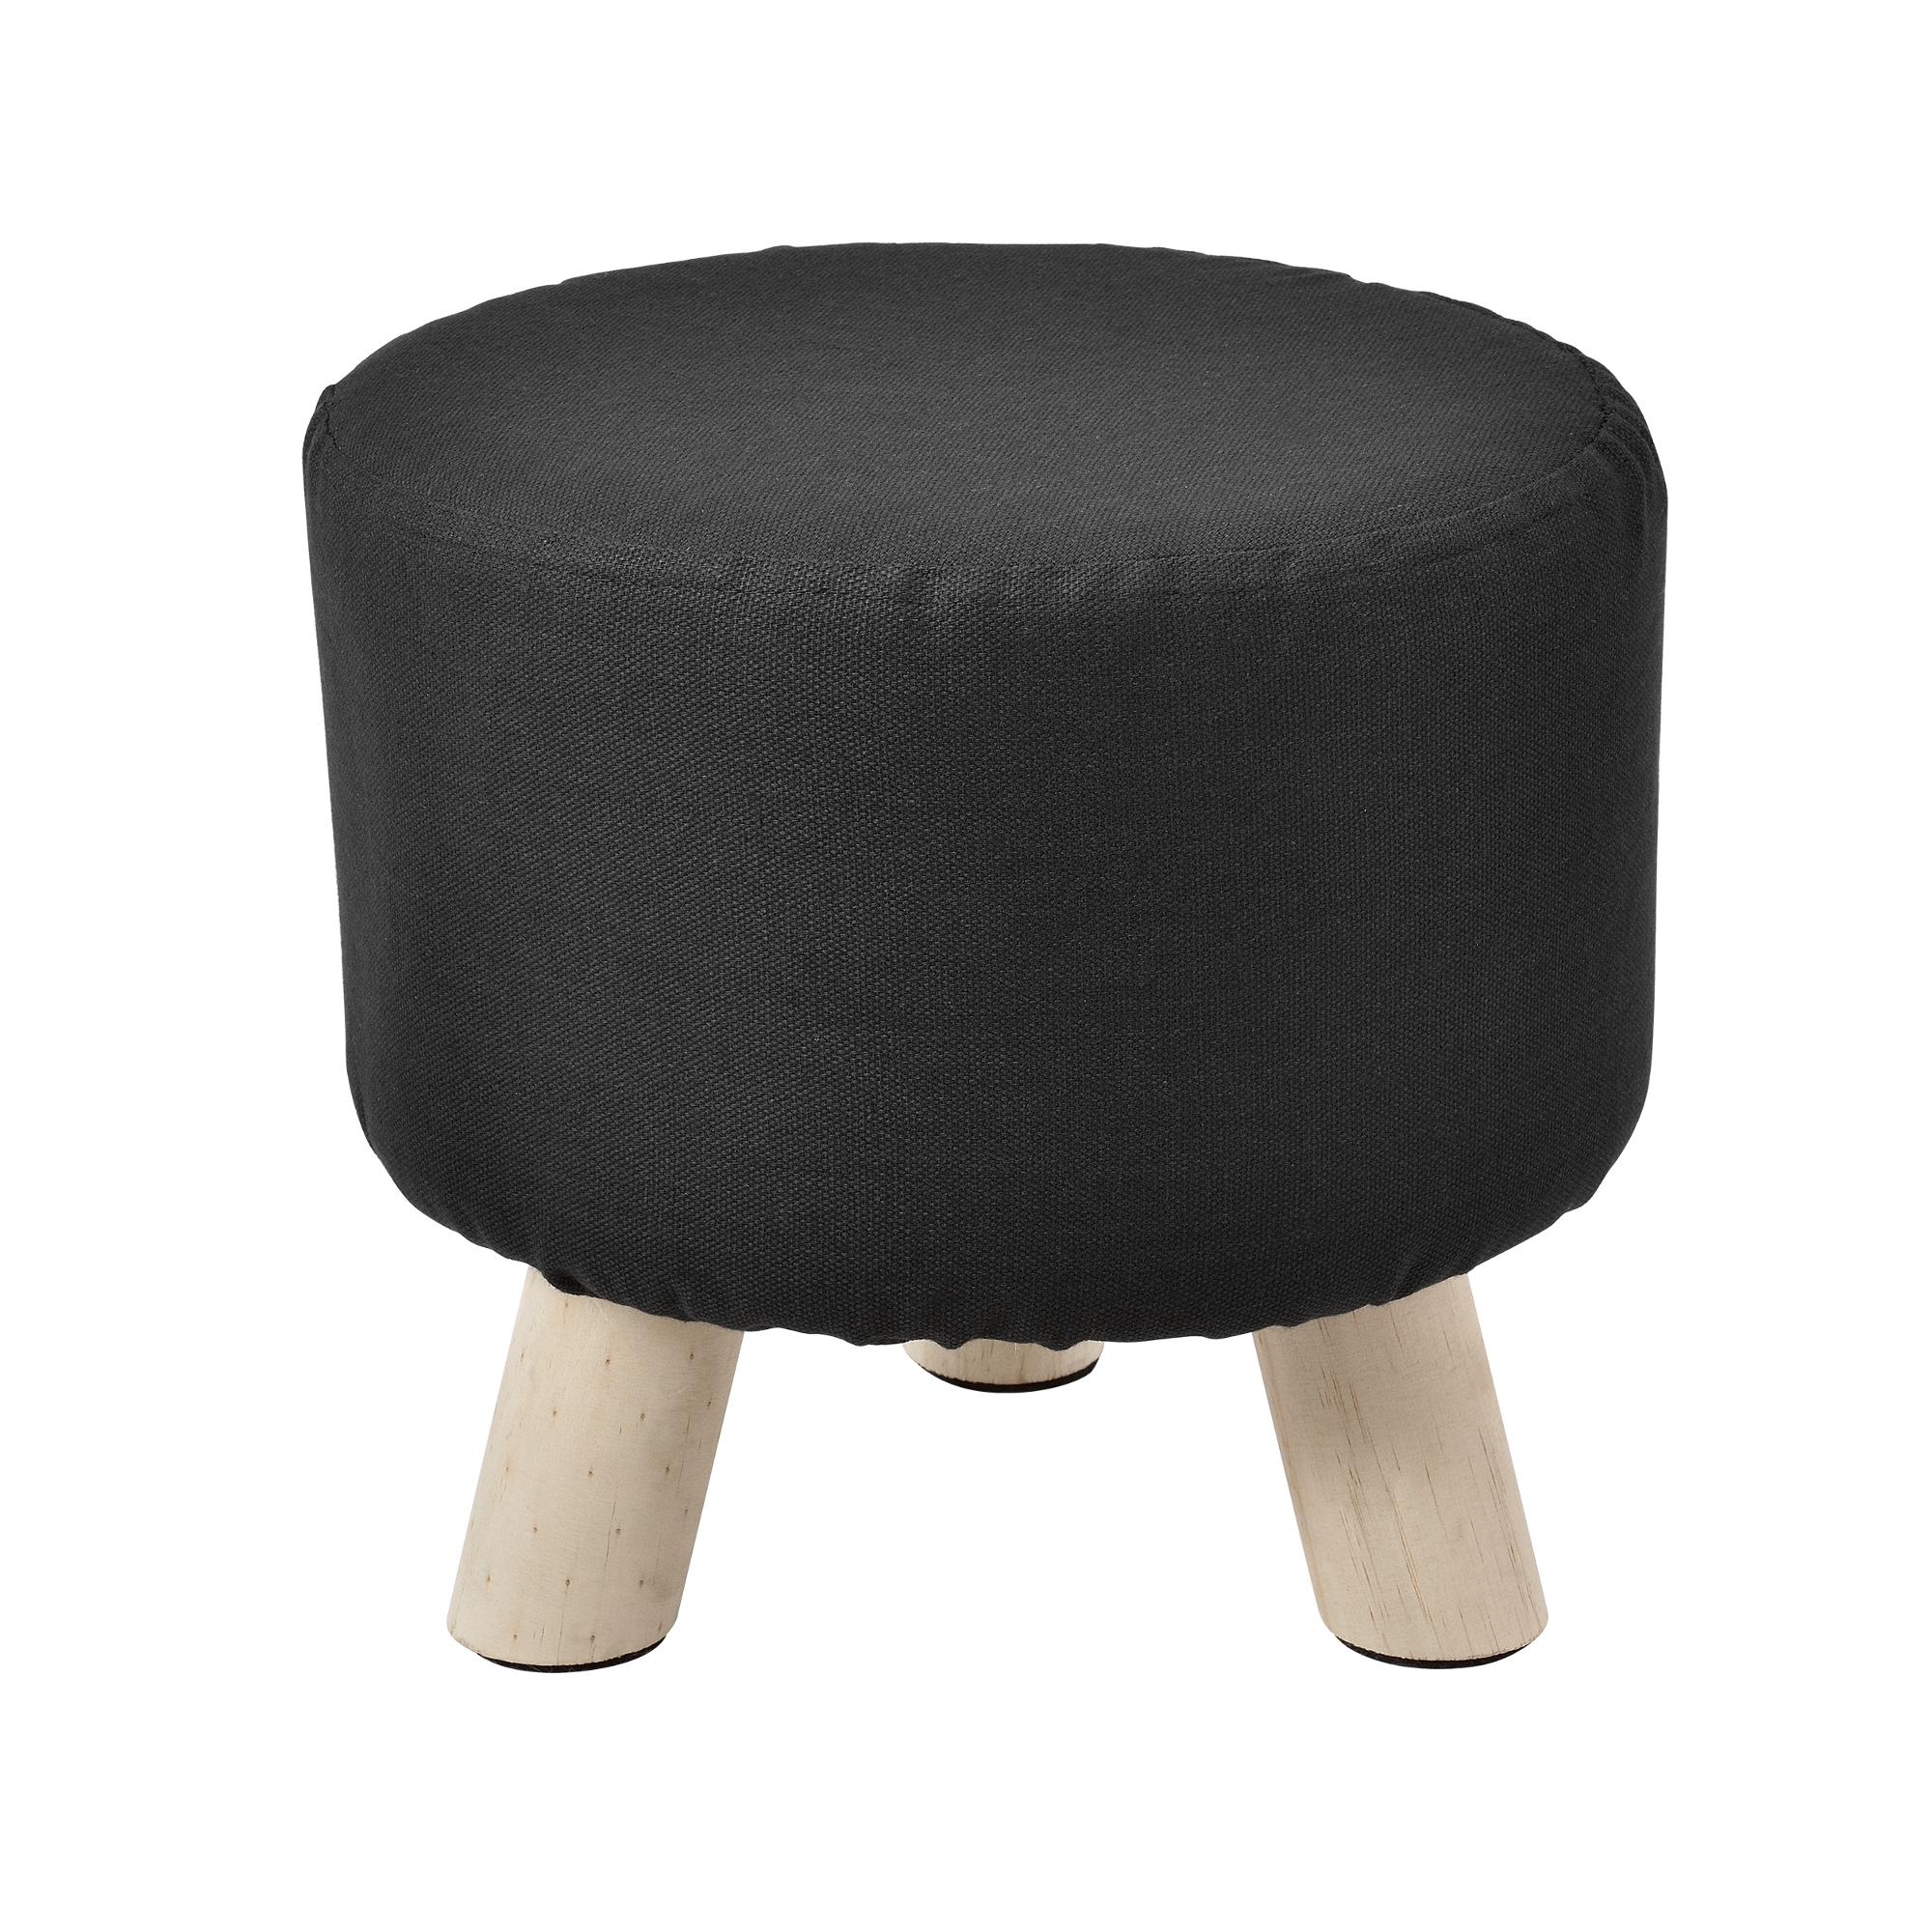 sitz hocker schwarz rund polsterhocker. Black Bedroom Furniture Sets. Home Design Ideas